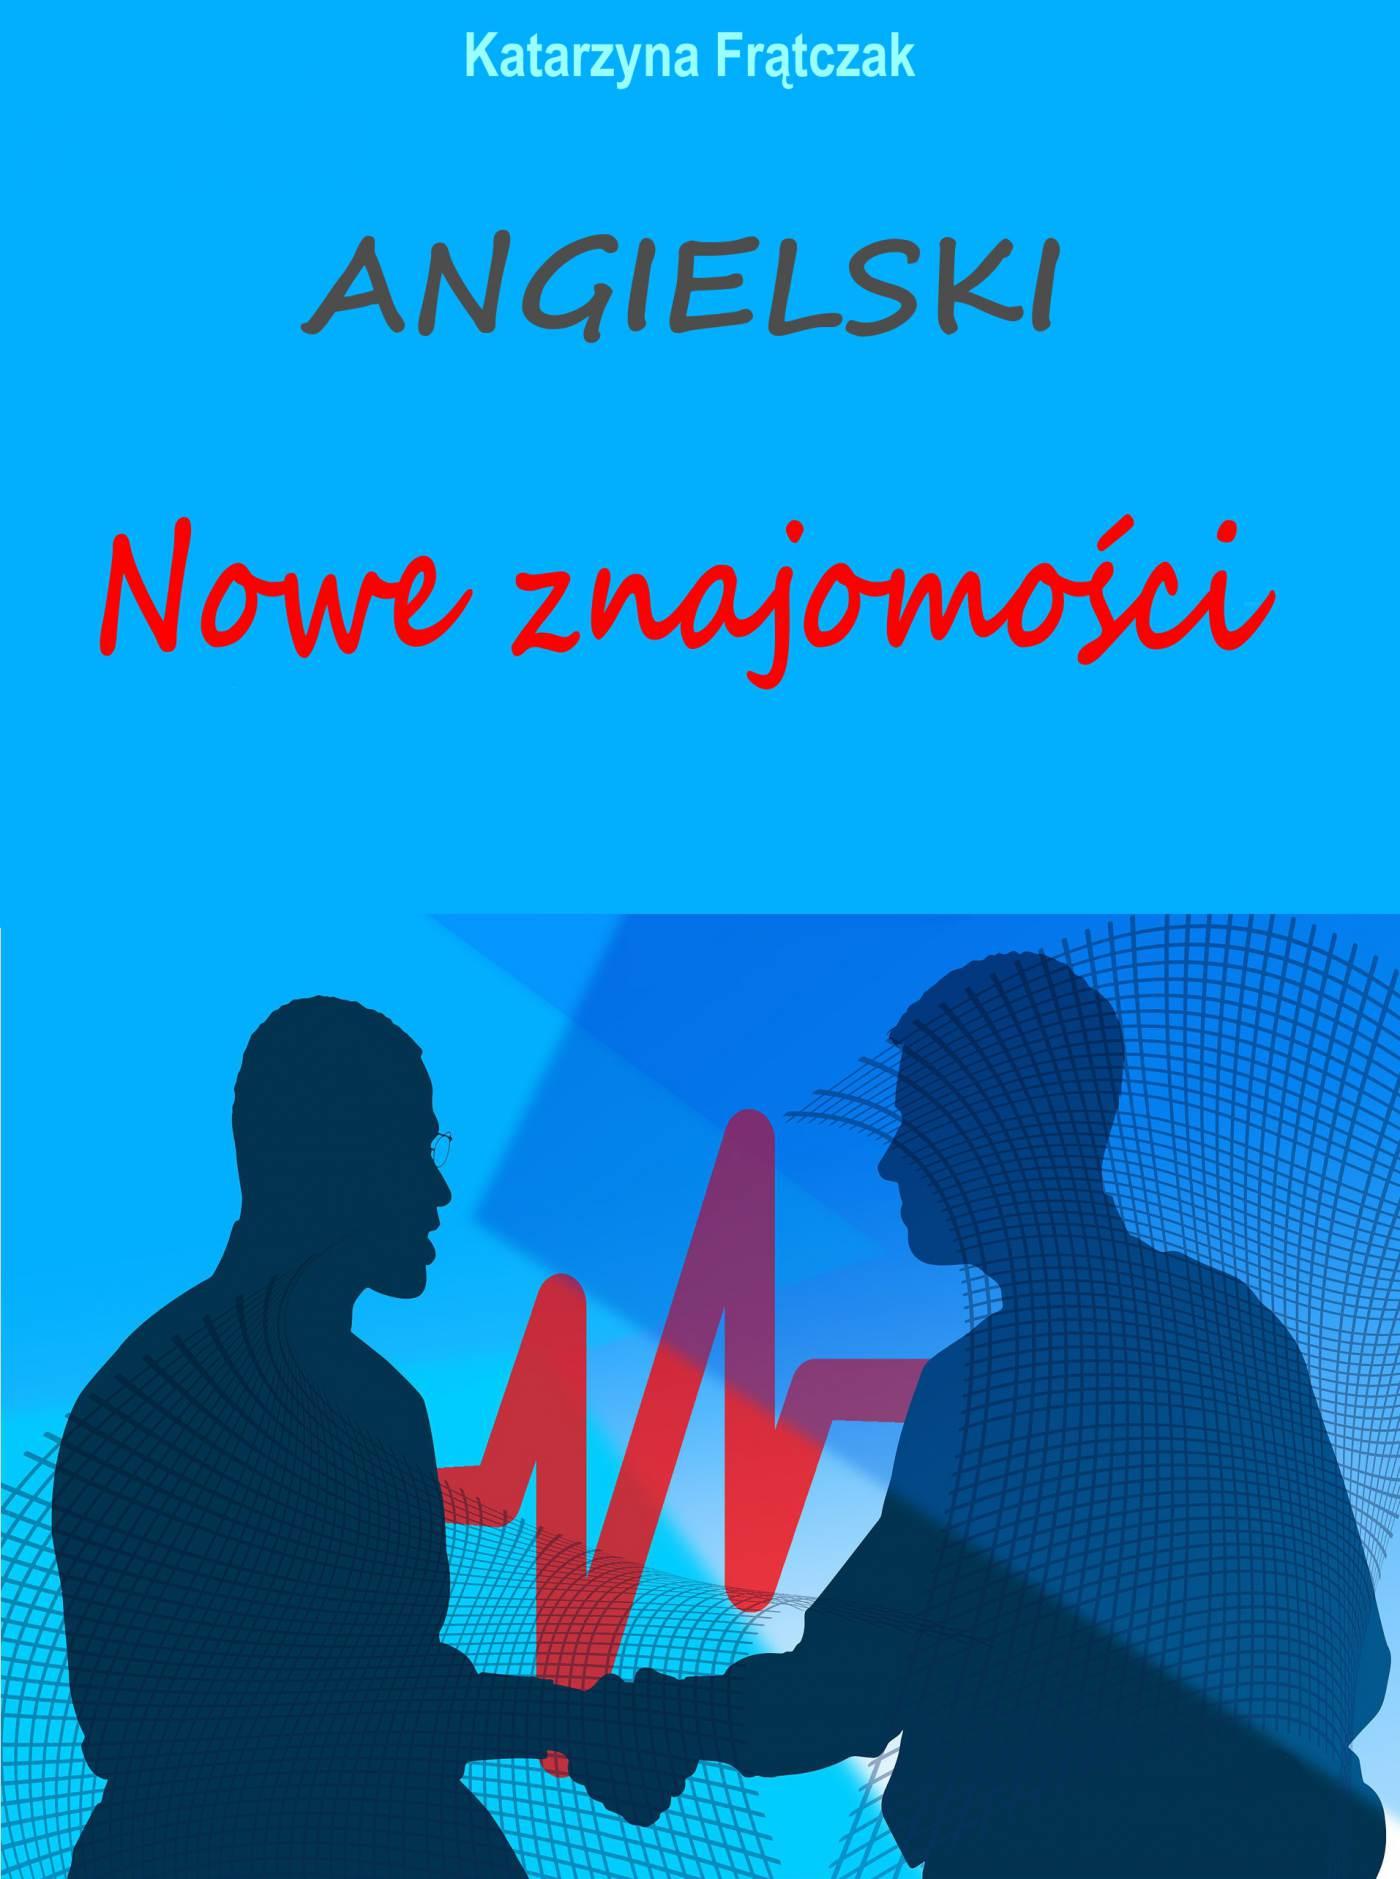 Angielski. Nowe znajomości - Ebook (Książka PDF) do pobrania w formacie PDF